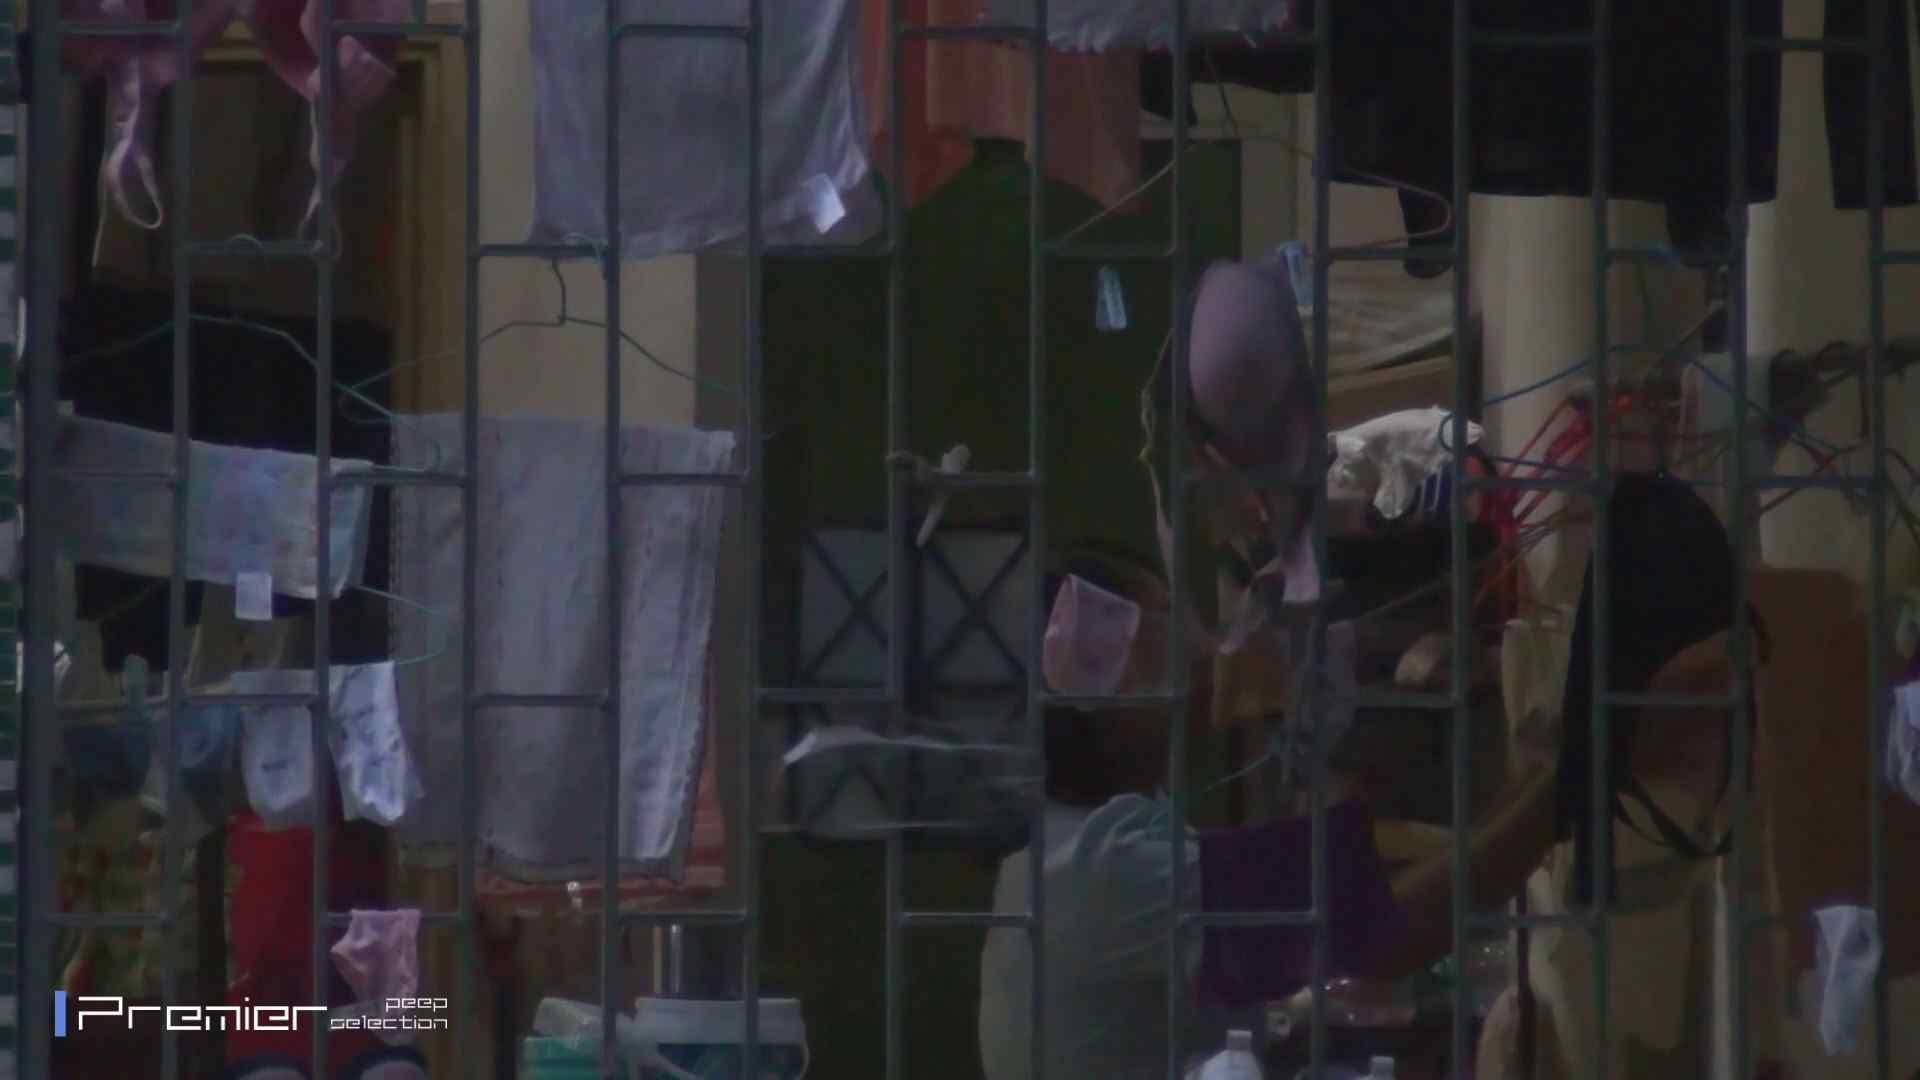 激撮り美女の洗顔シーン Vol.05 美女の痴態に密着! いやらしいOL オマンコ無修正動画無料 77連発 29